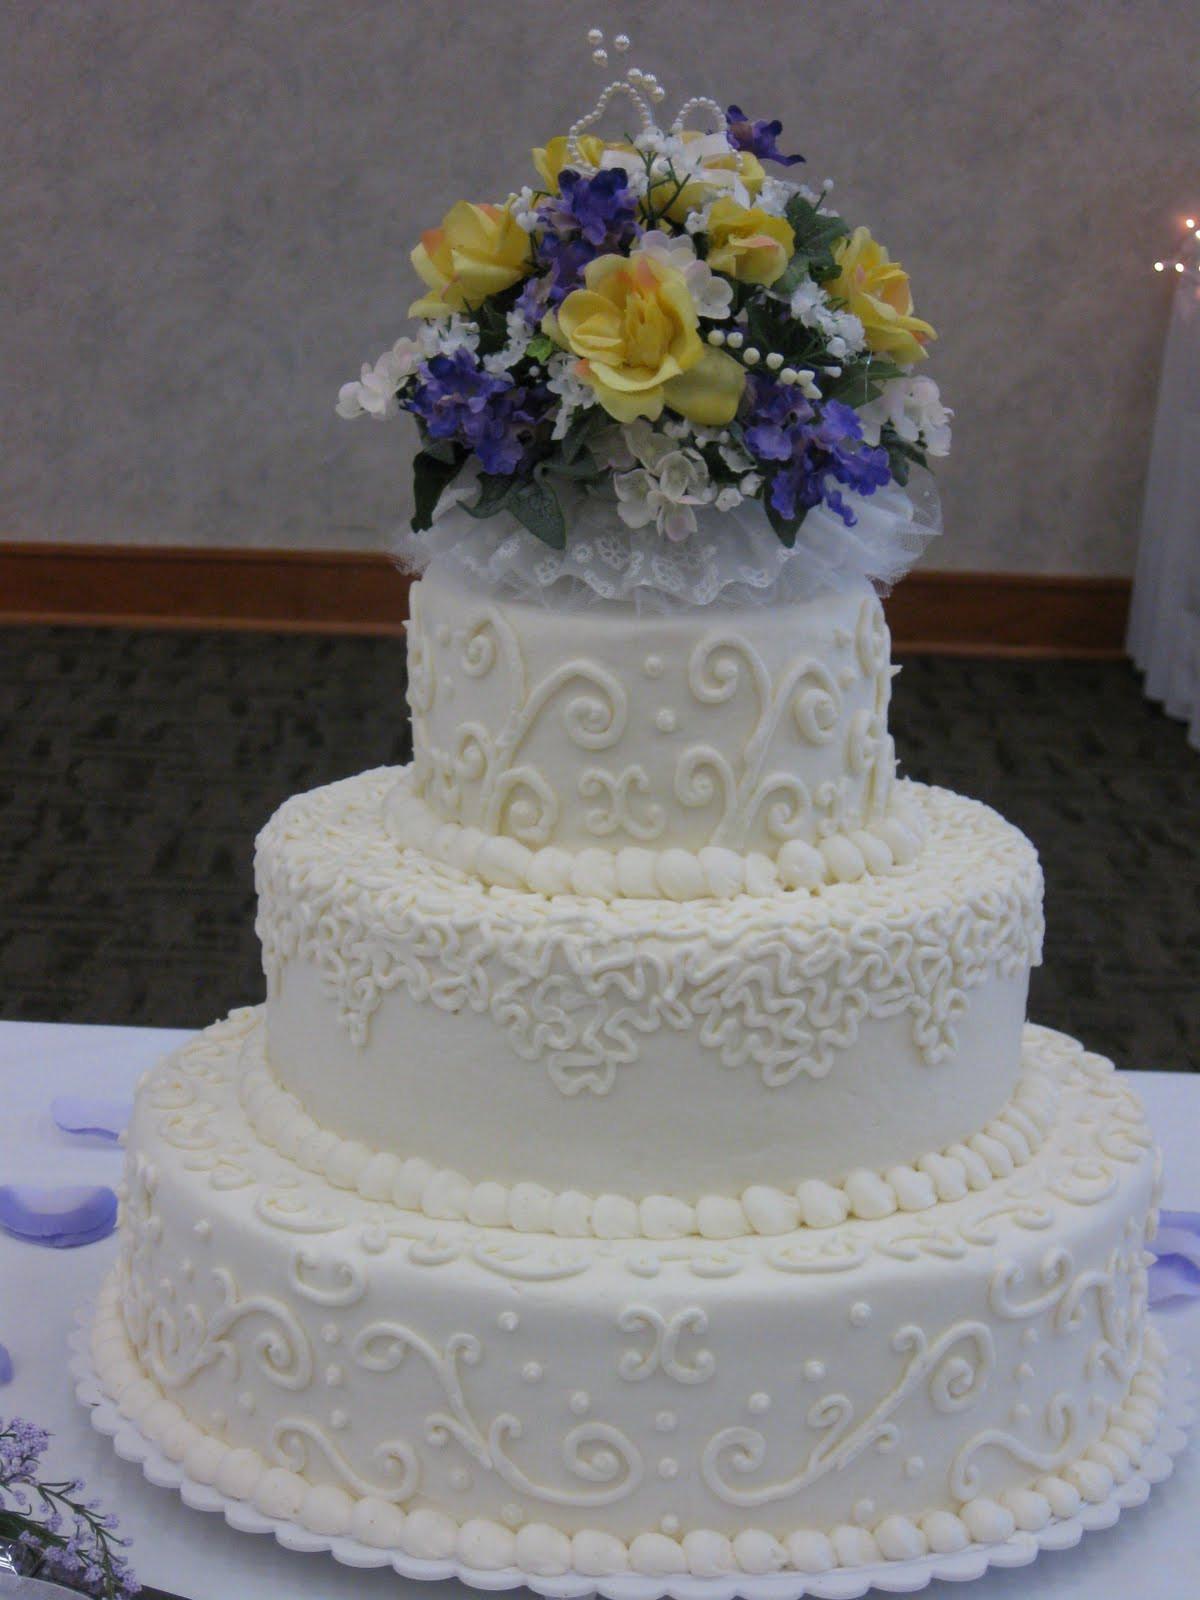 Harps Wedding Cakes  Amy Lodice Rochester NY Anniversary Cakes